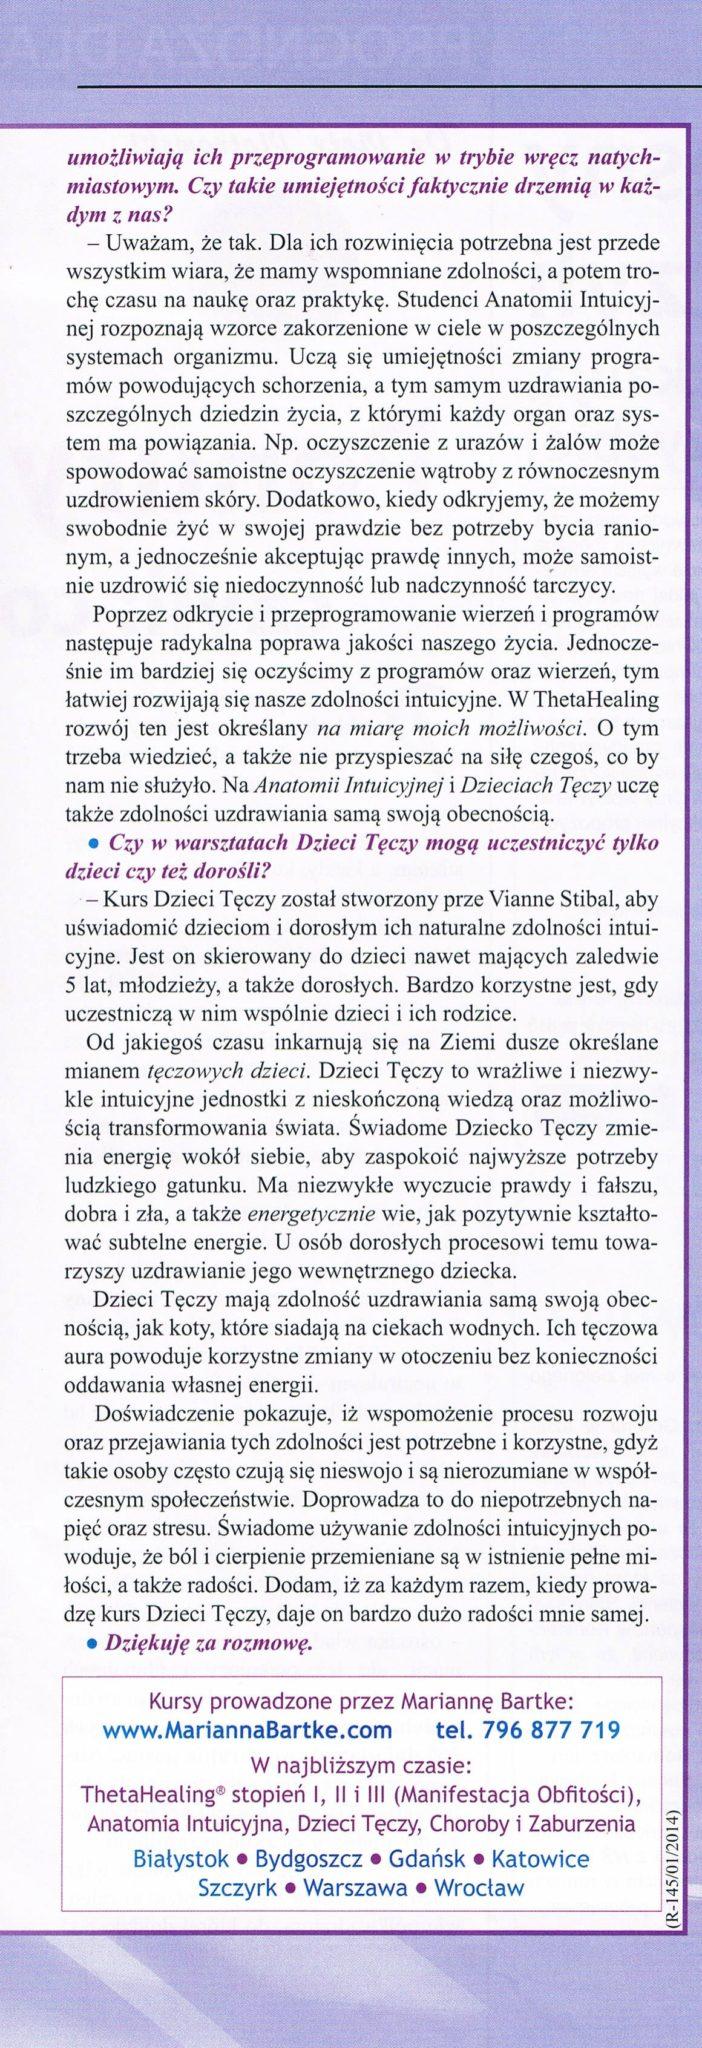 Nieznany Świat - O ThetaHealing, Dzieciach Tęczy i zdolnościach intuicyjnych. cz.2